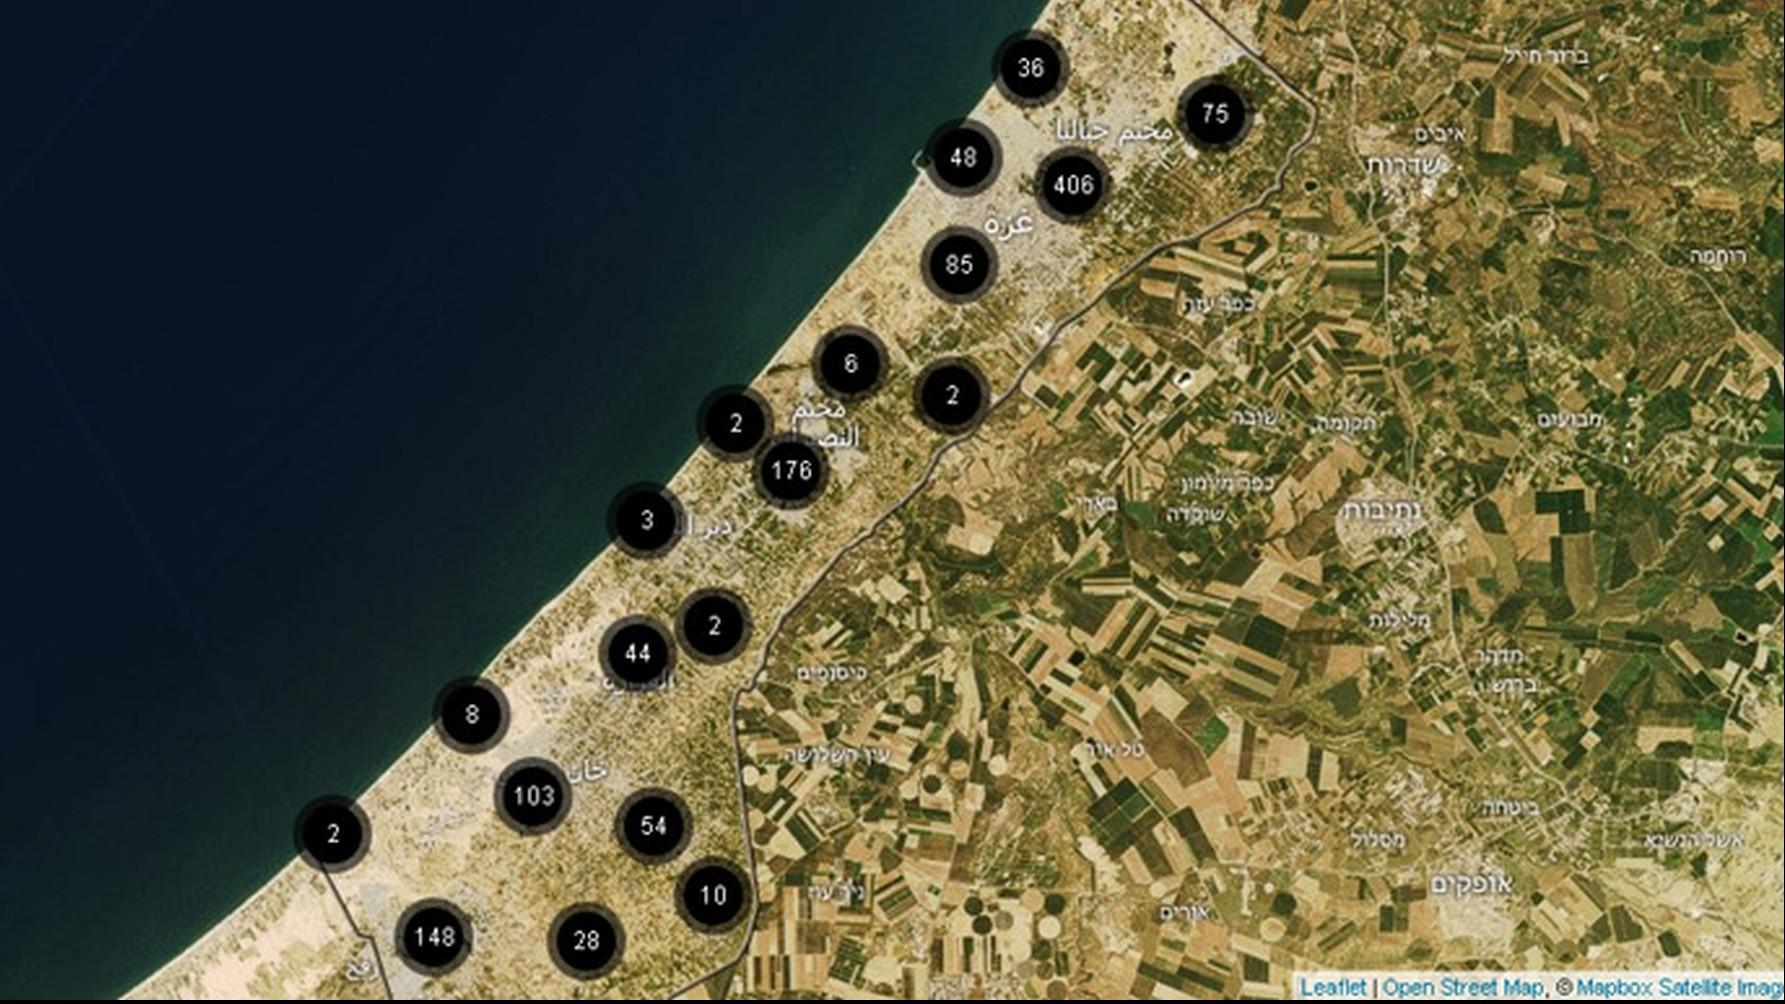 Une carte interactive révèle le détail des frappes israéliennes un an après la guerre de Gaza